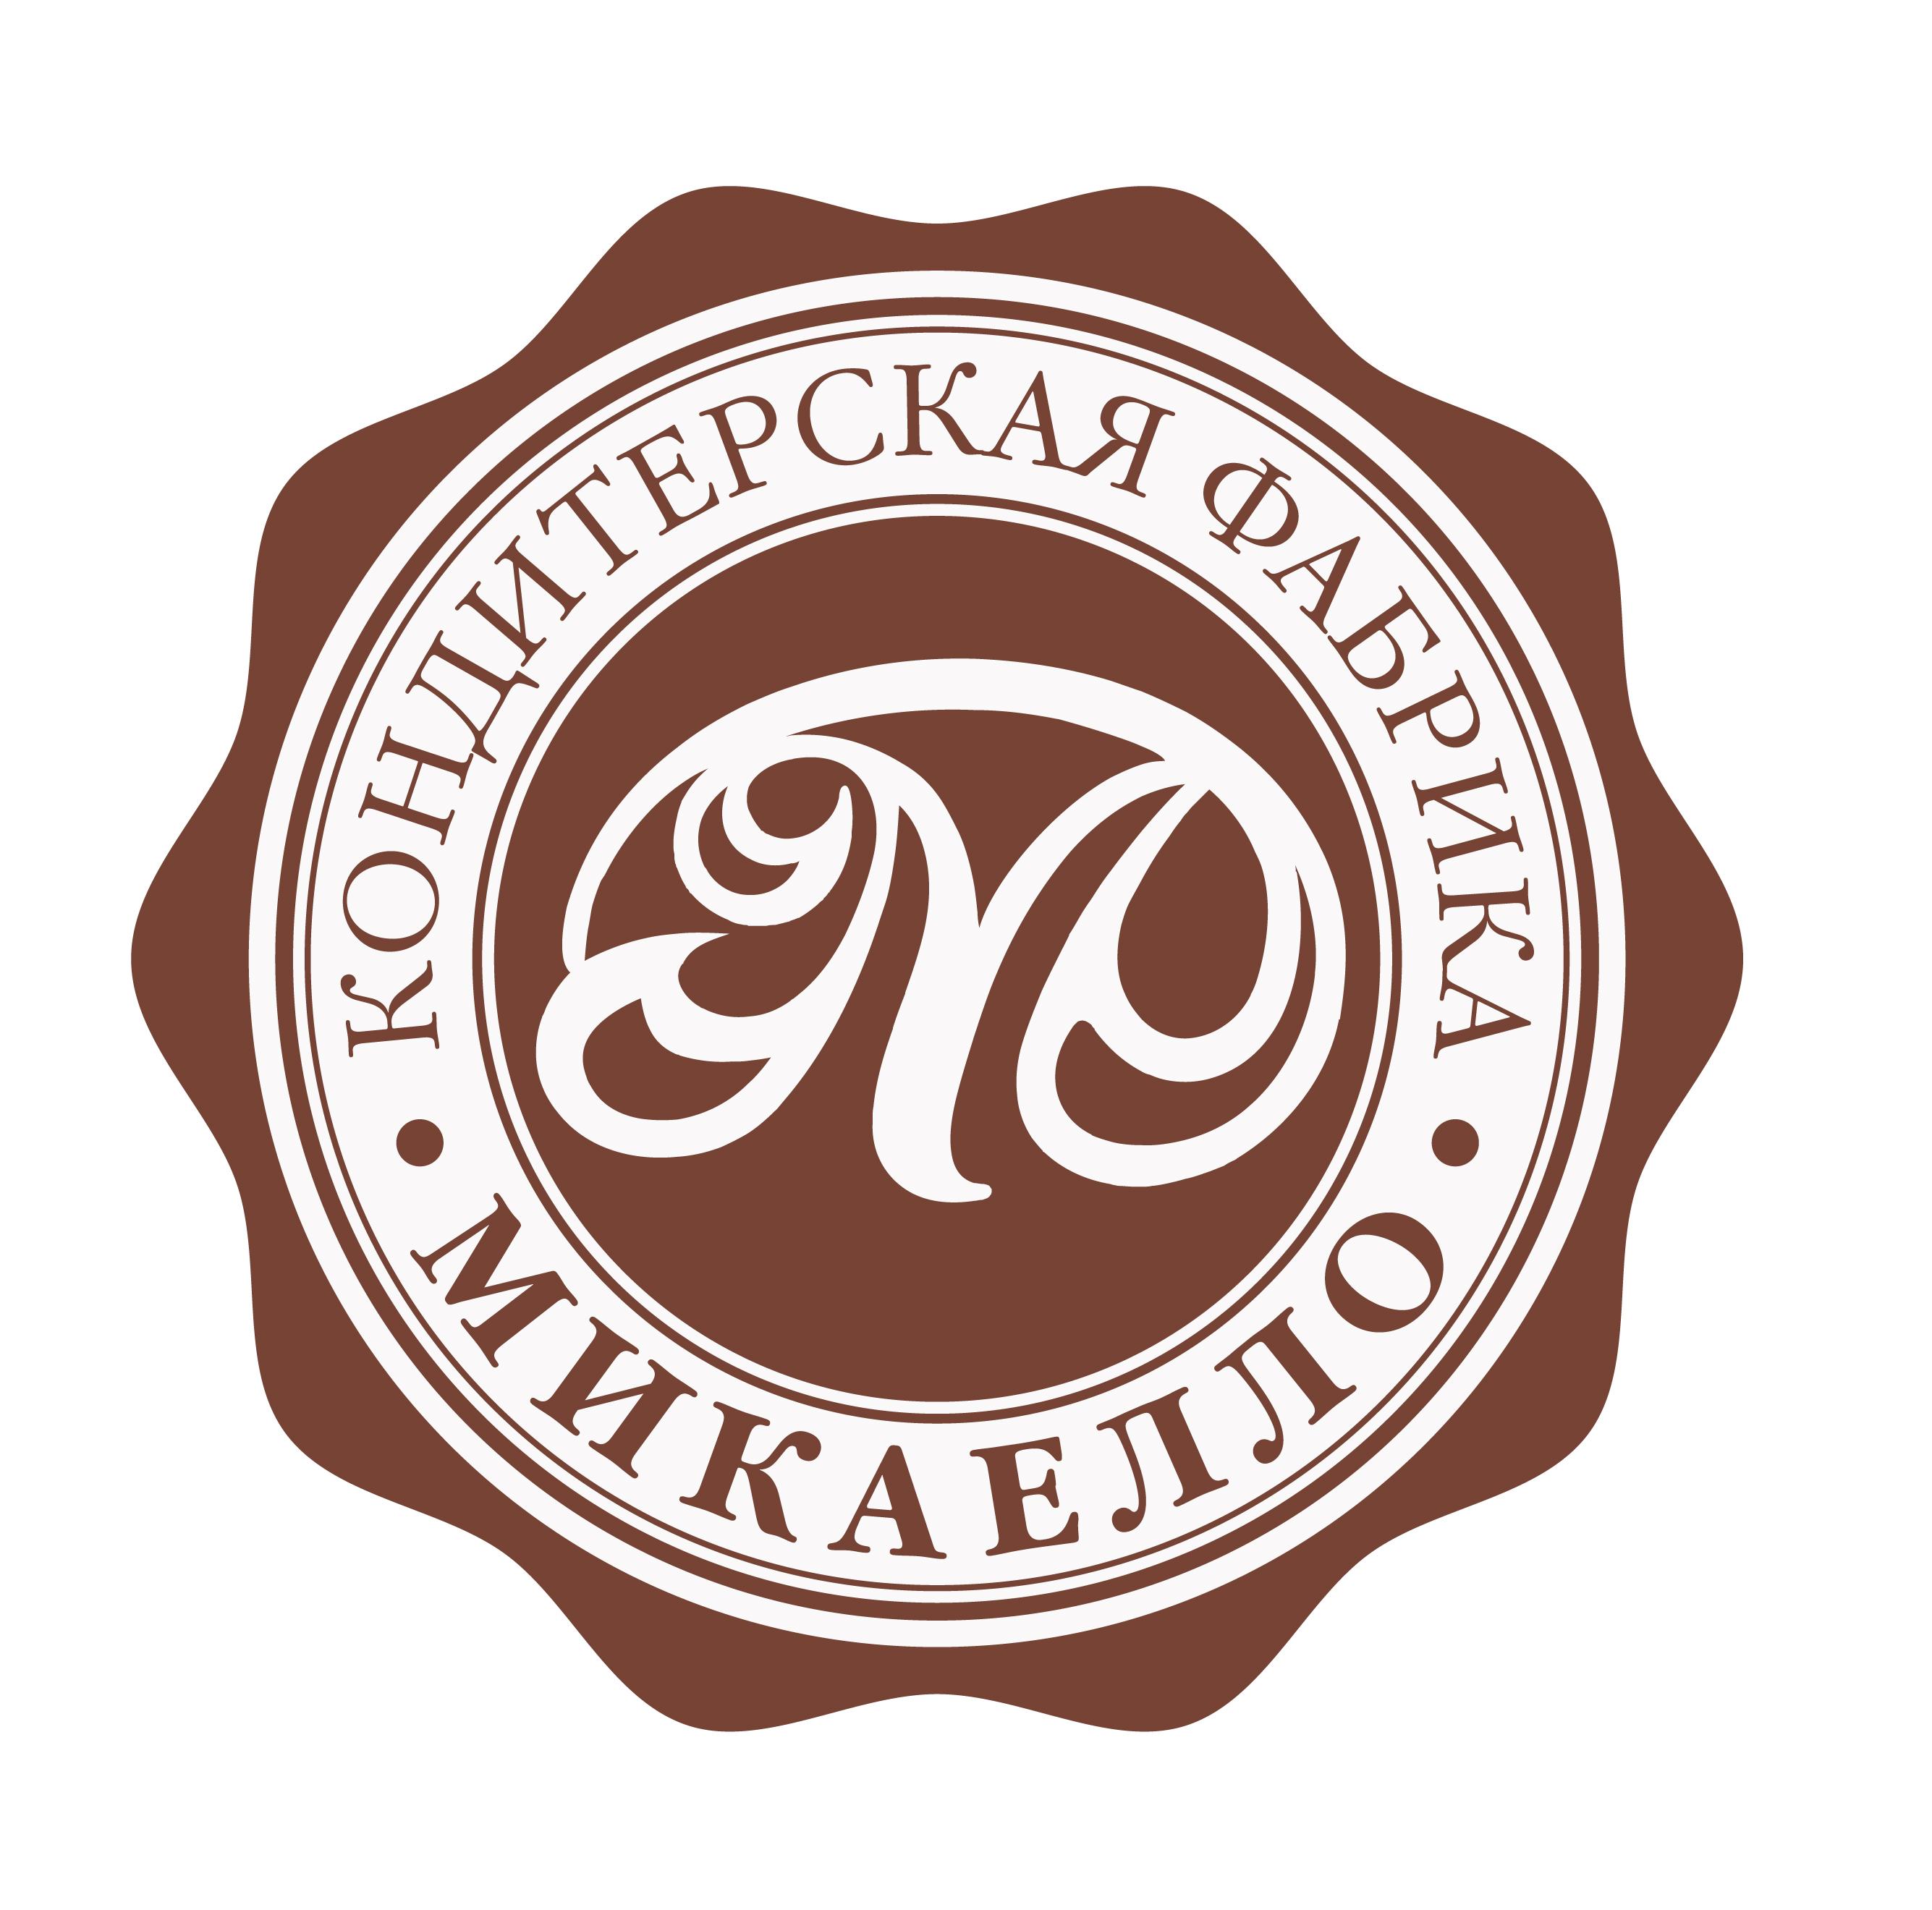 картинки логотипов кондитерских фабрика создаётся